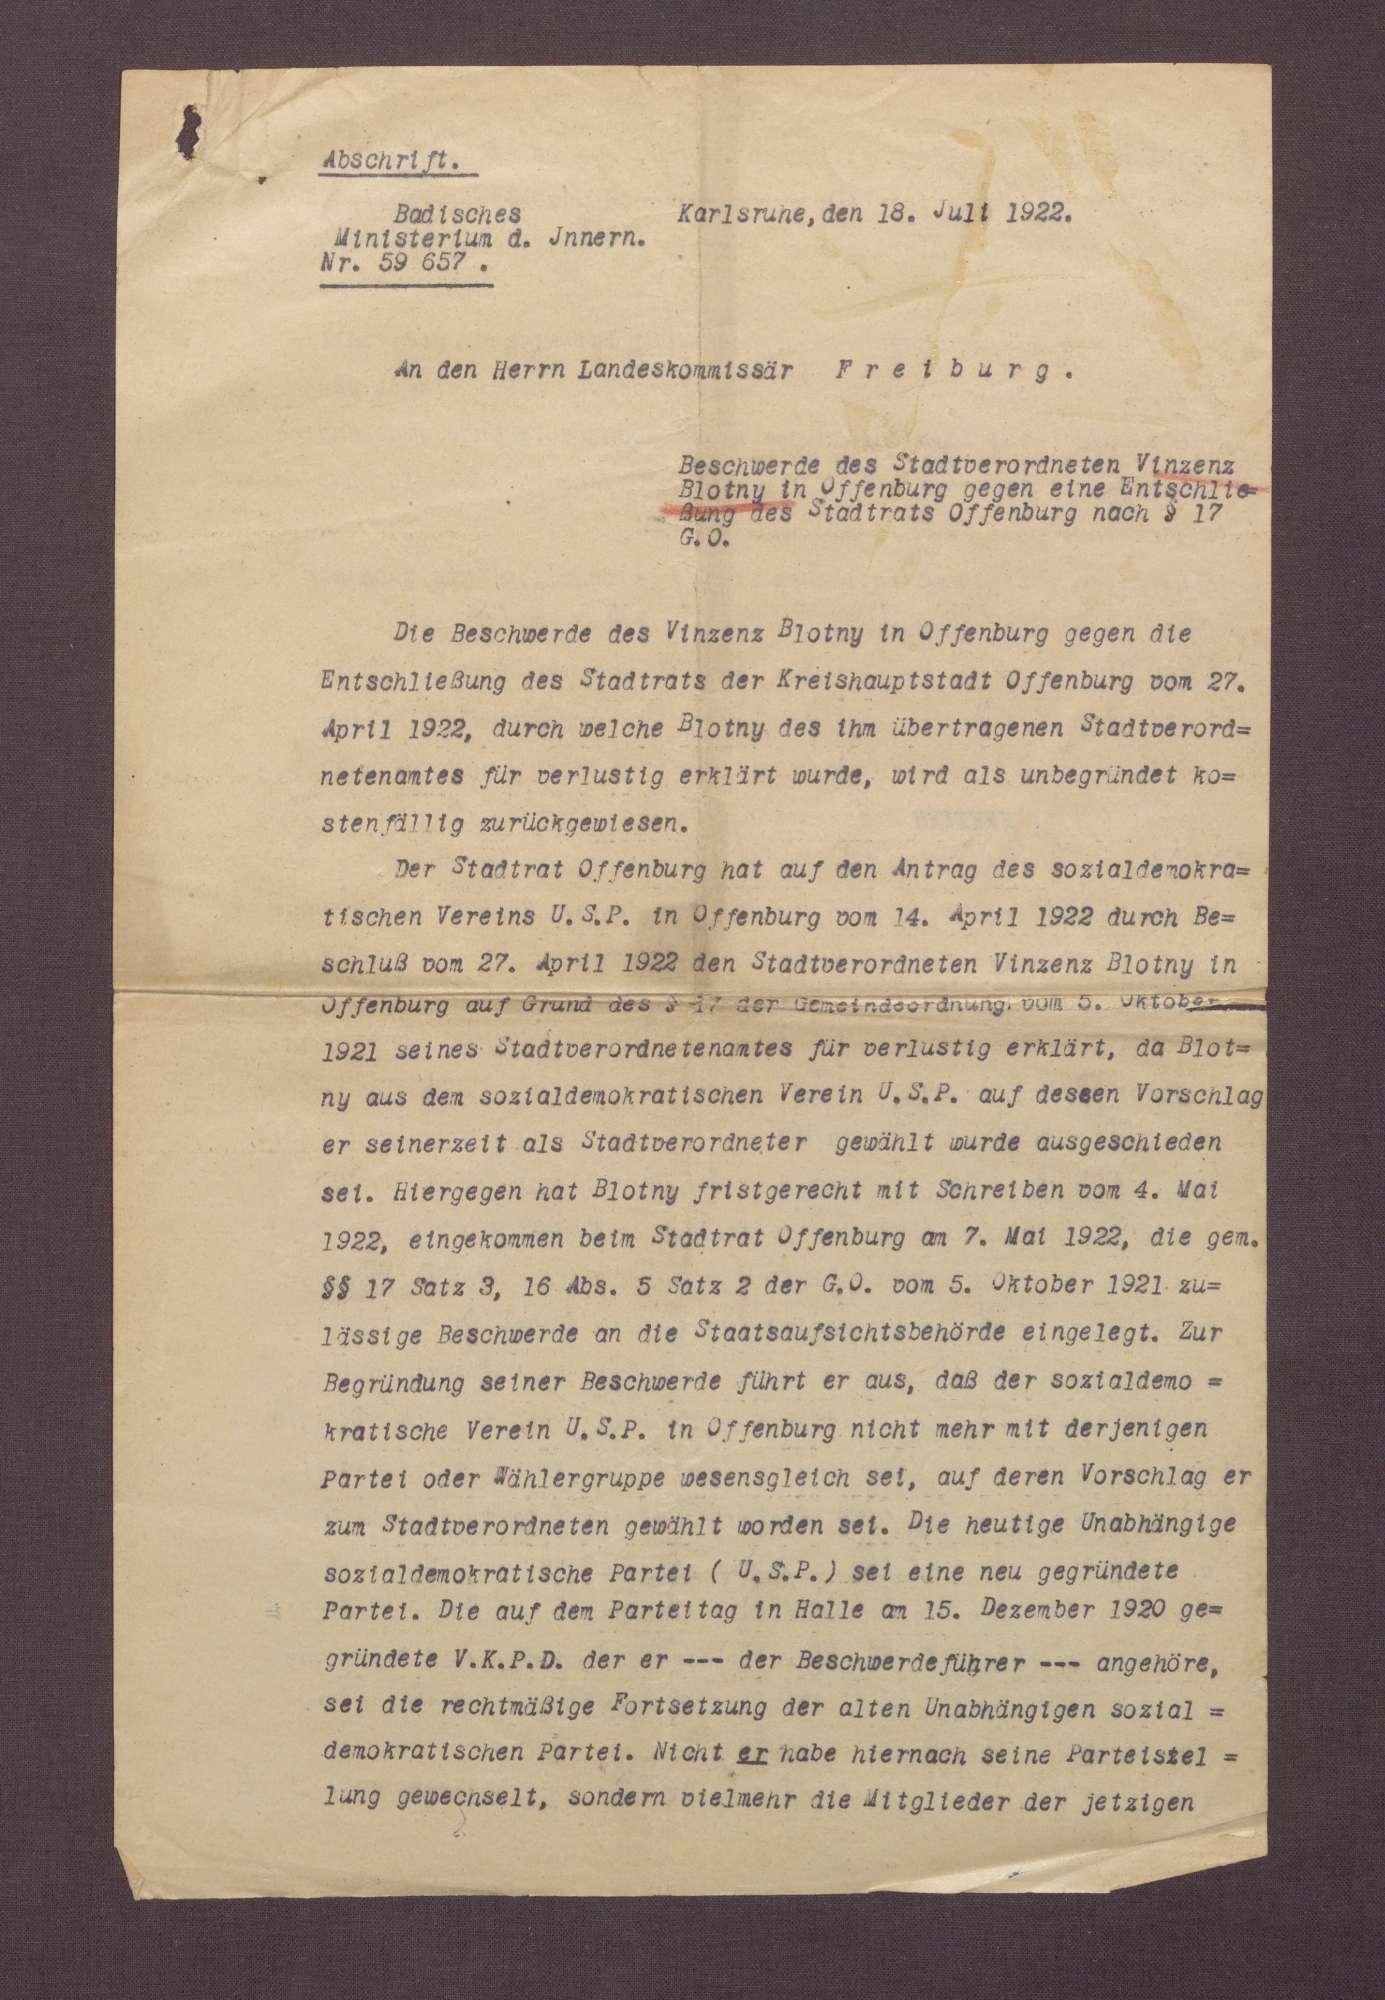 Entscheidung des Badischen Innenministeriums über die von Blotny eingereichte Beschwerde gegen den Stadtratsbeschluss (als treibende Kräfte für den Ausschluss bezeichnet Blotny Adolf und Marie Geck), Bild 1